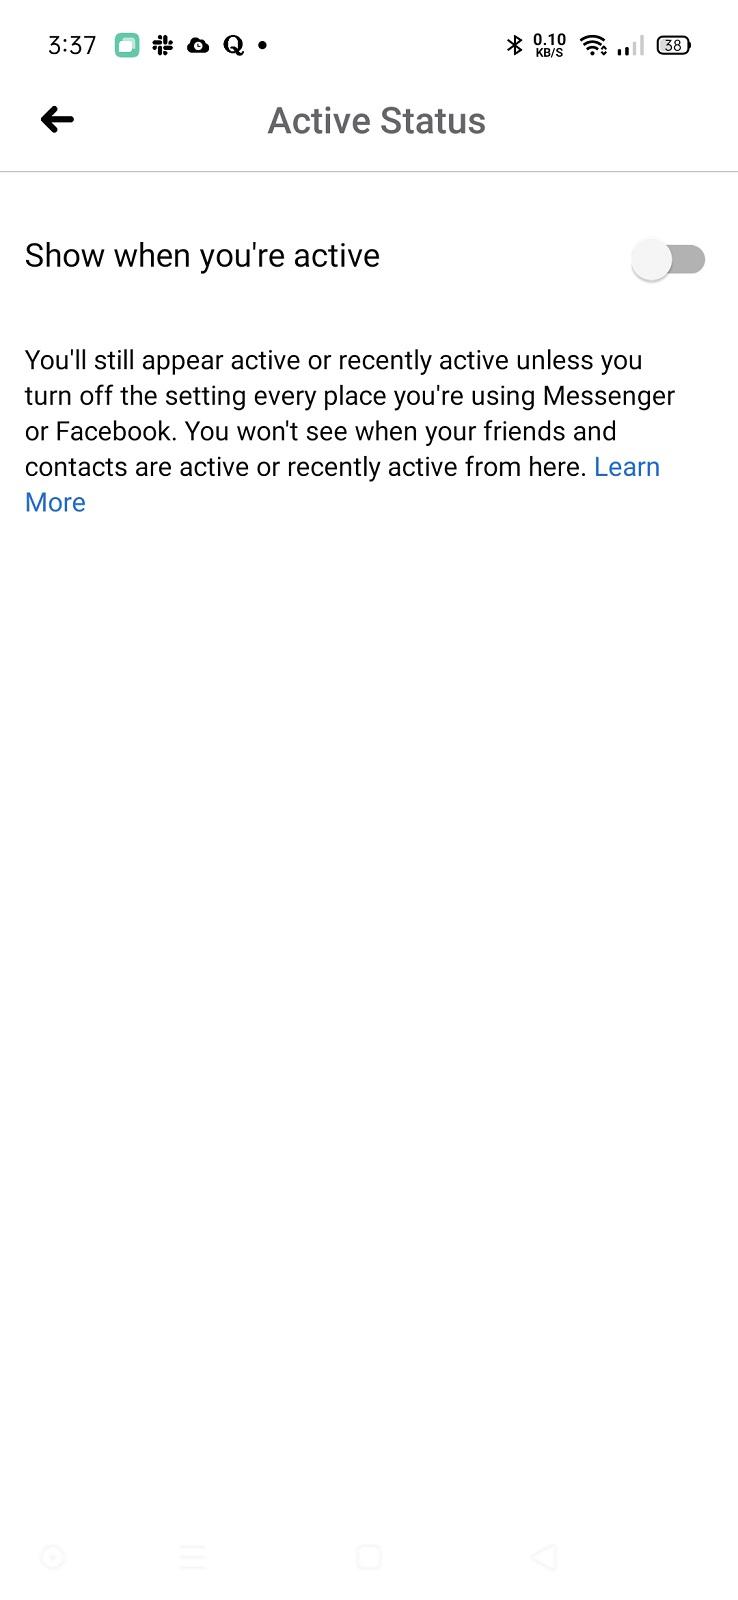 هنيئاً! لن يعلم أحدهم إن كنت تستخدم Facebook أو Messenger!